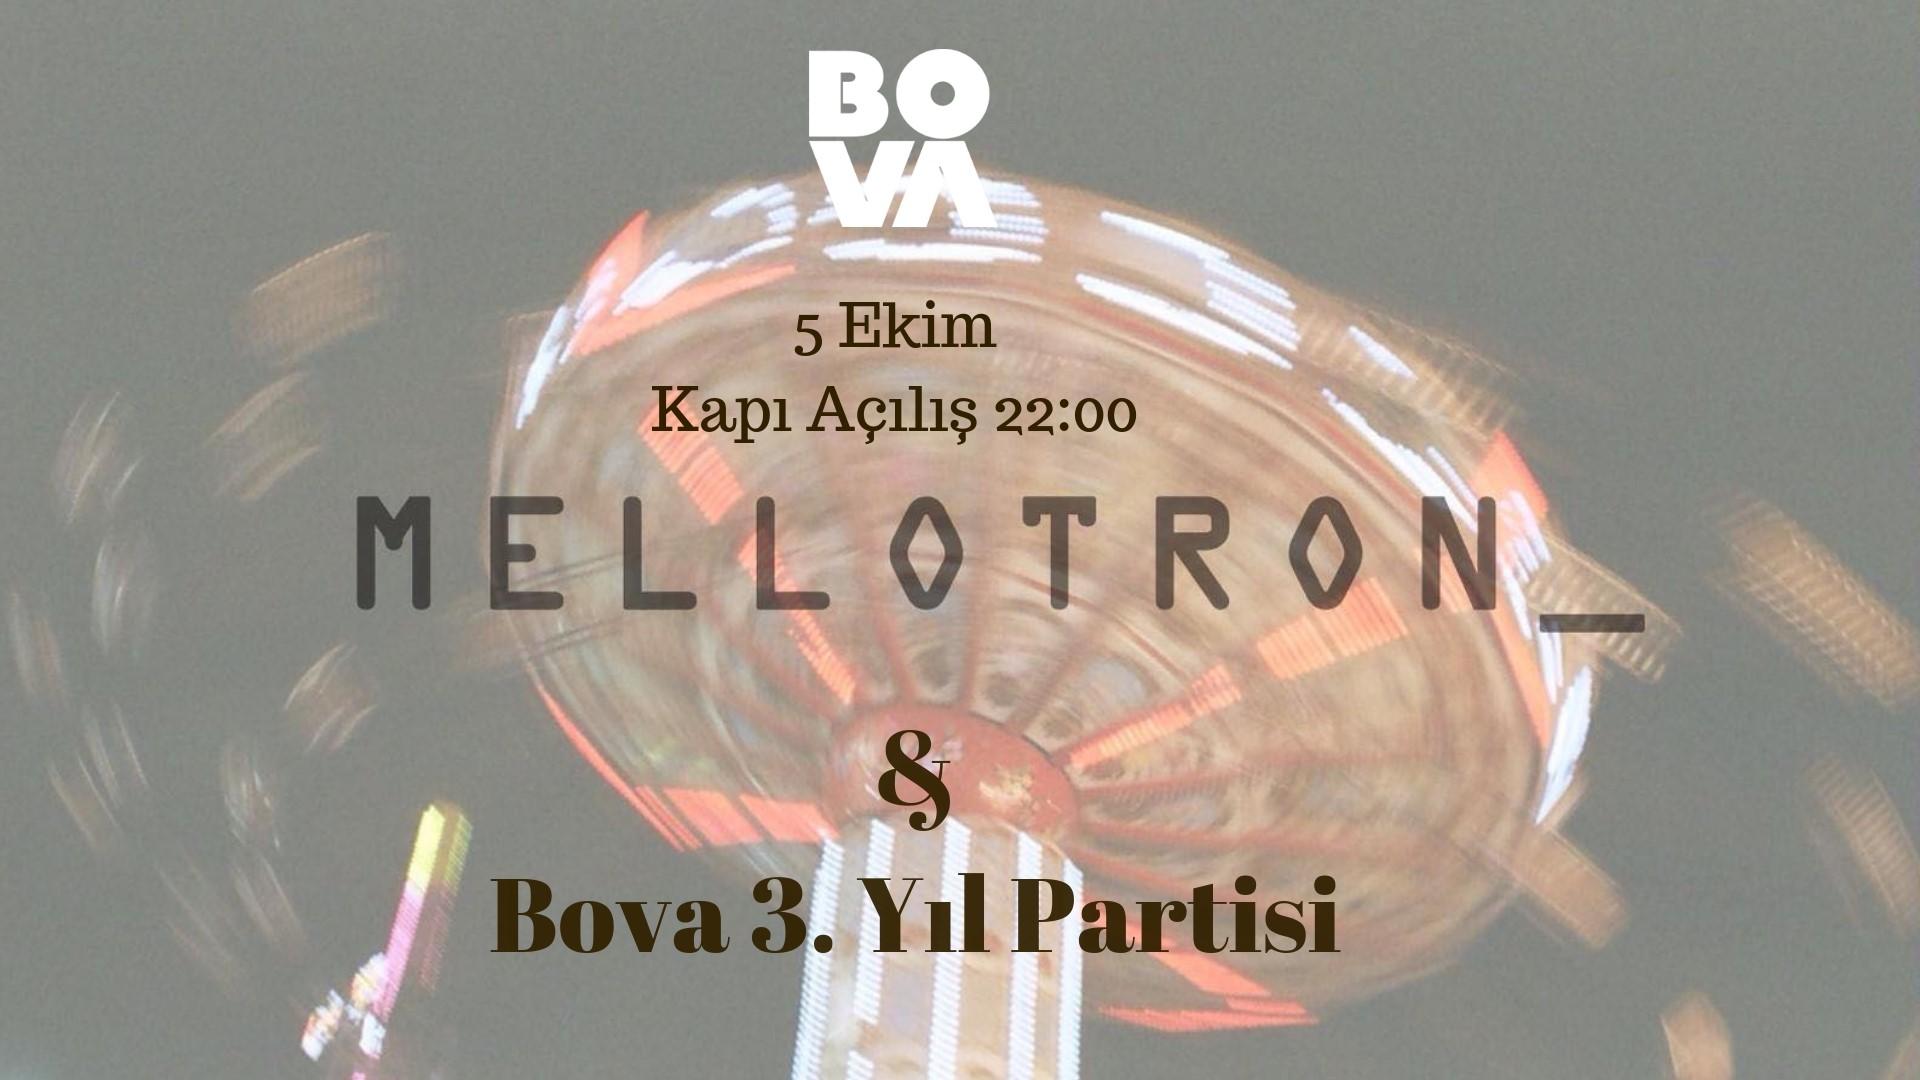 Mellotron & Bova 3. Yıl Partisi